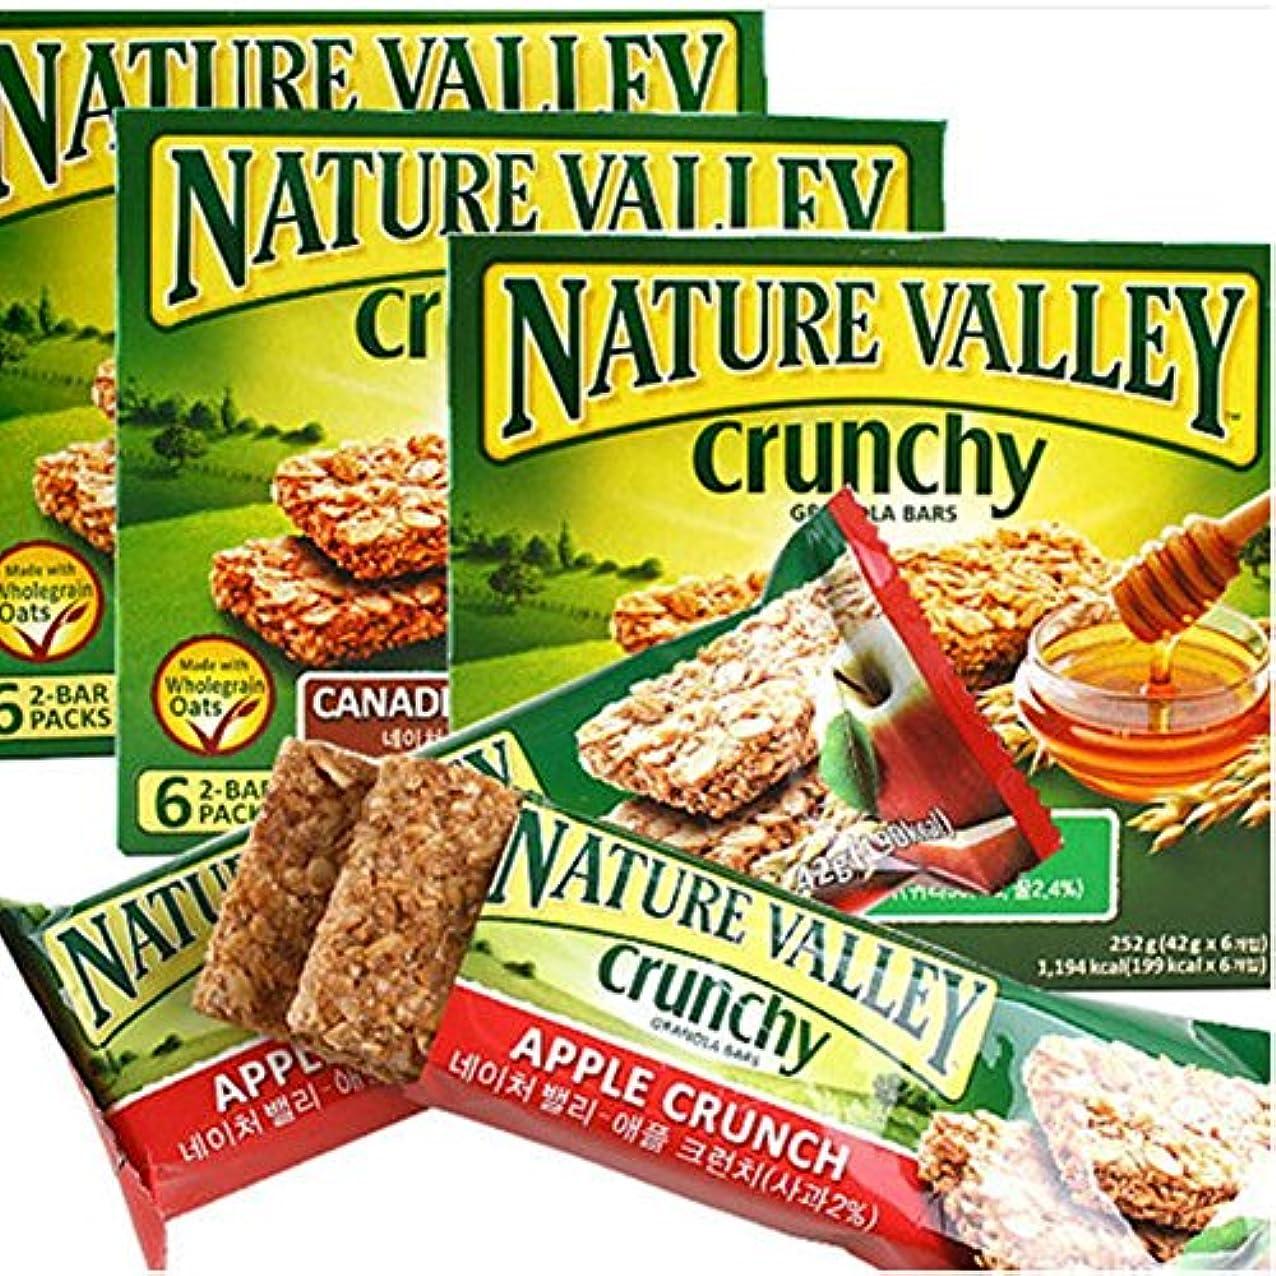 本質的に謎めいた神秘[ネイチャーバレー/Nature Valley] CANADIAN MAPLE SYRUP/ネイチャーバレークランチグラノーラバー42g5パックx3 Box - メープルシロップ(合計15袋)穀物バー/シリアル/栄養のバー[健康&ダイエット製品](海外直送品)